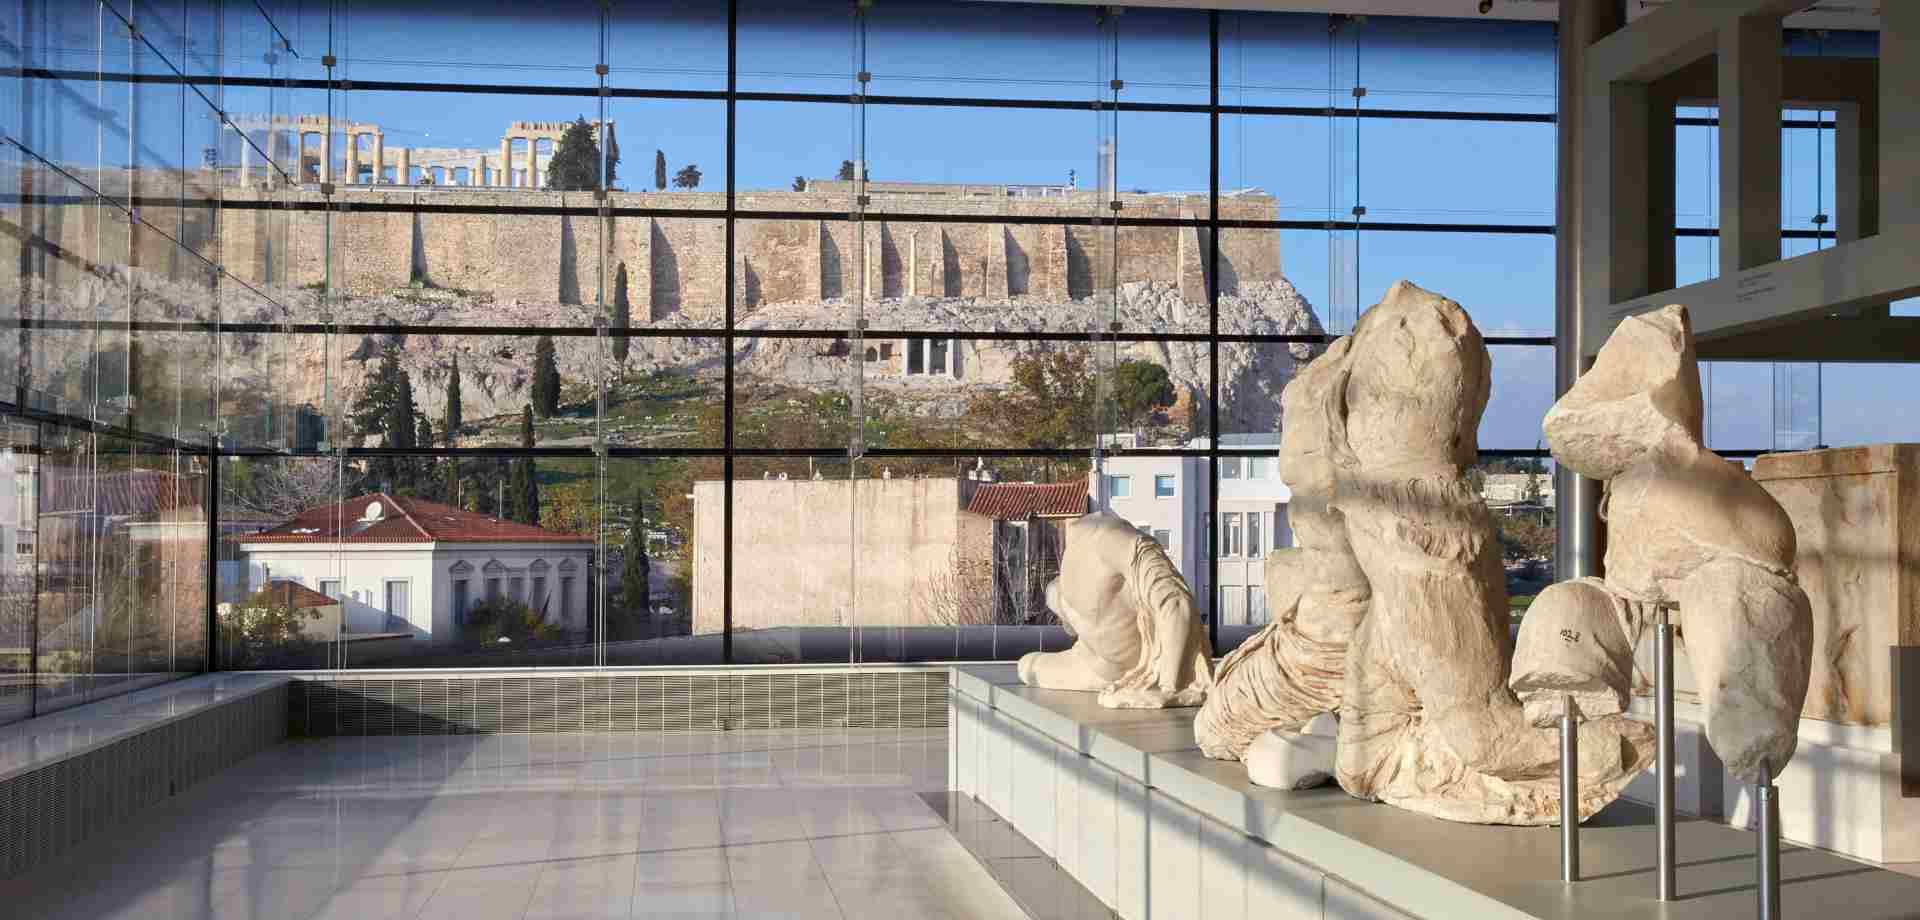 Διεθνής Ημέρα Μουσείων 2021 στο Μουσείο Ακρόπολης